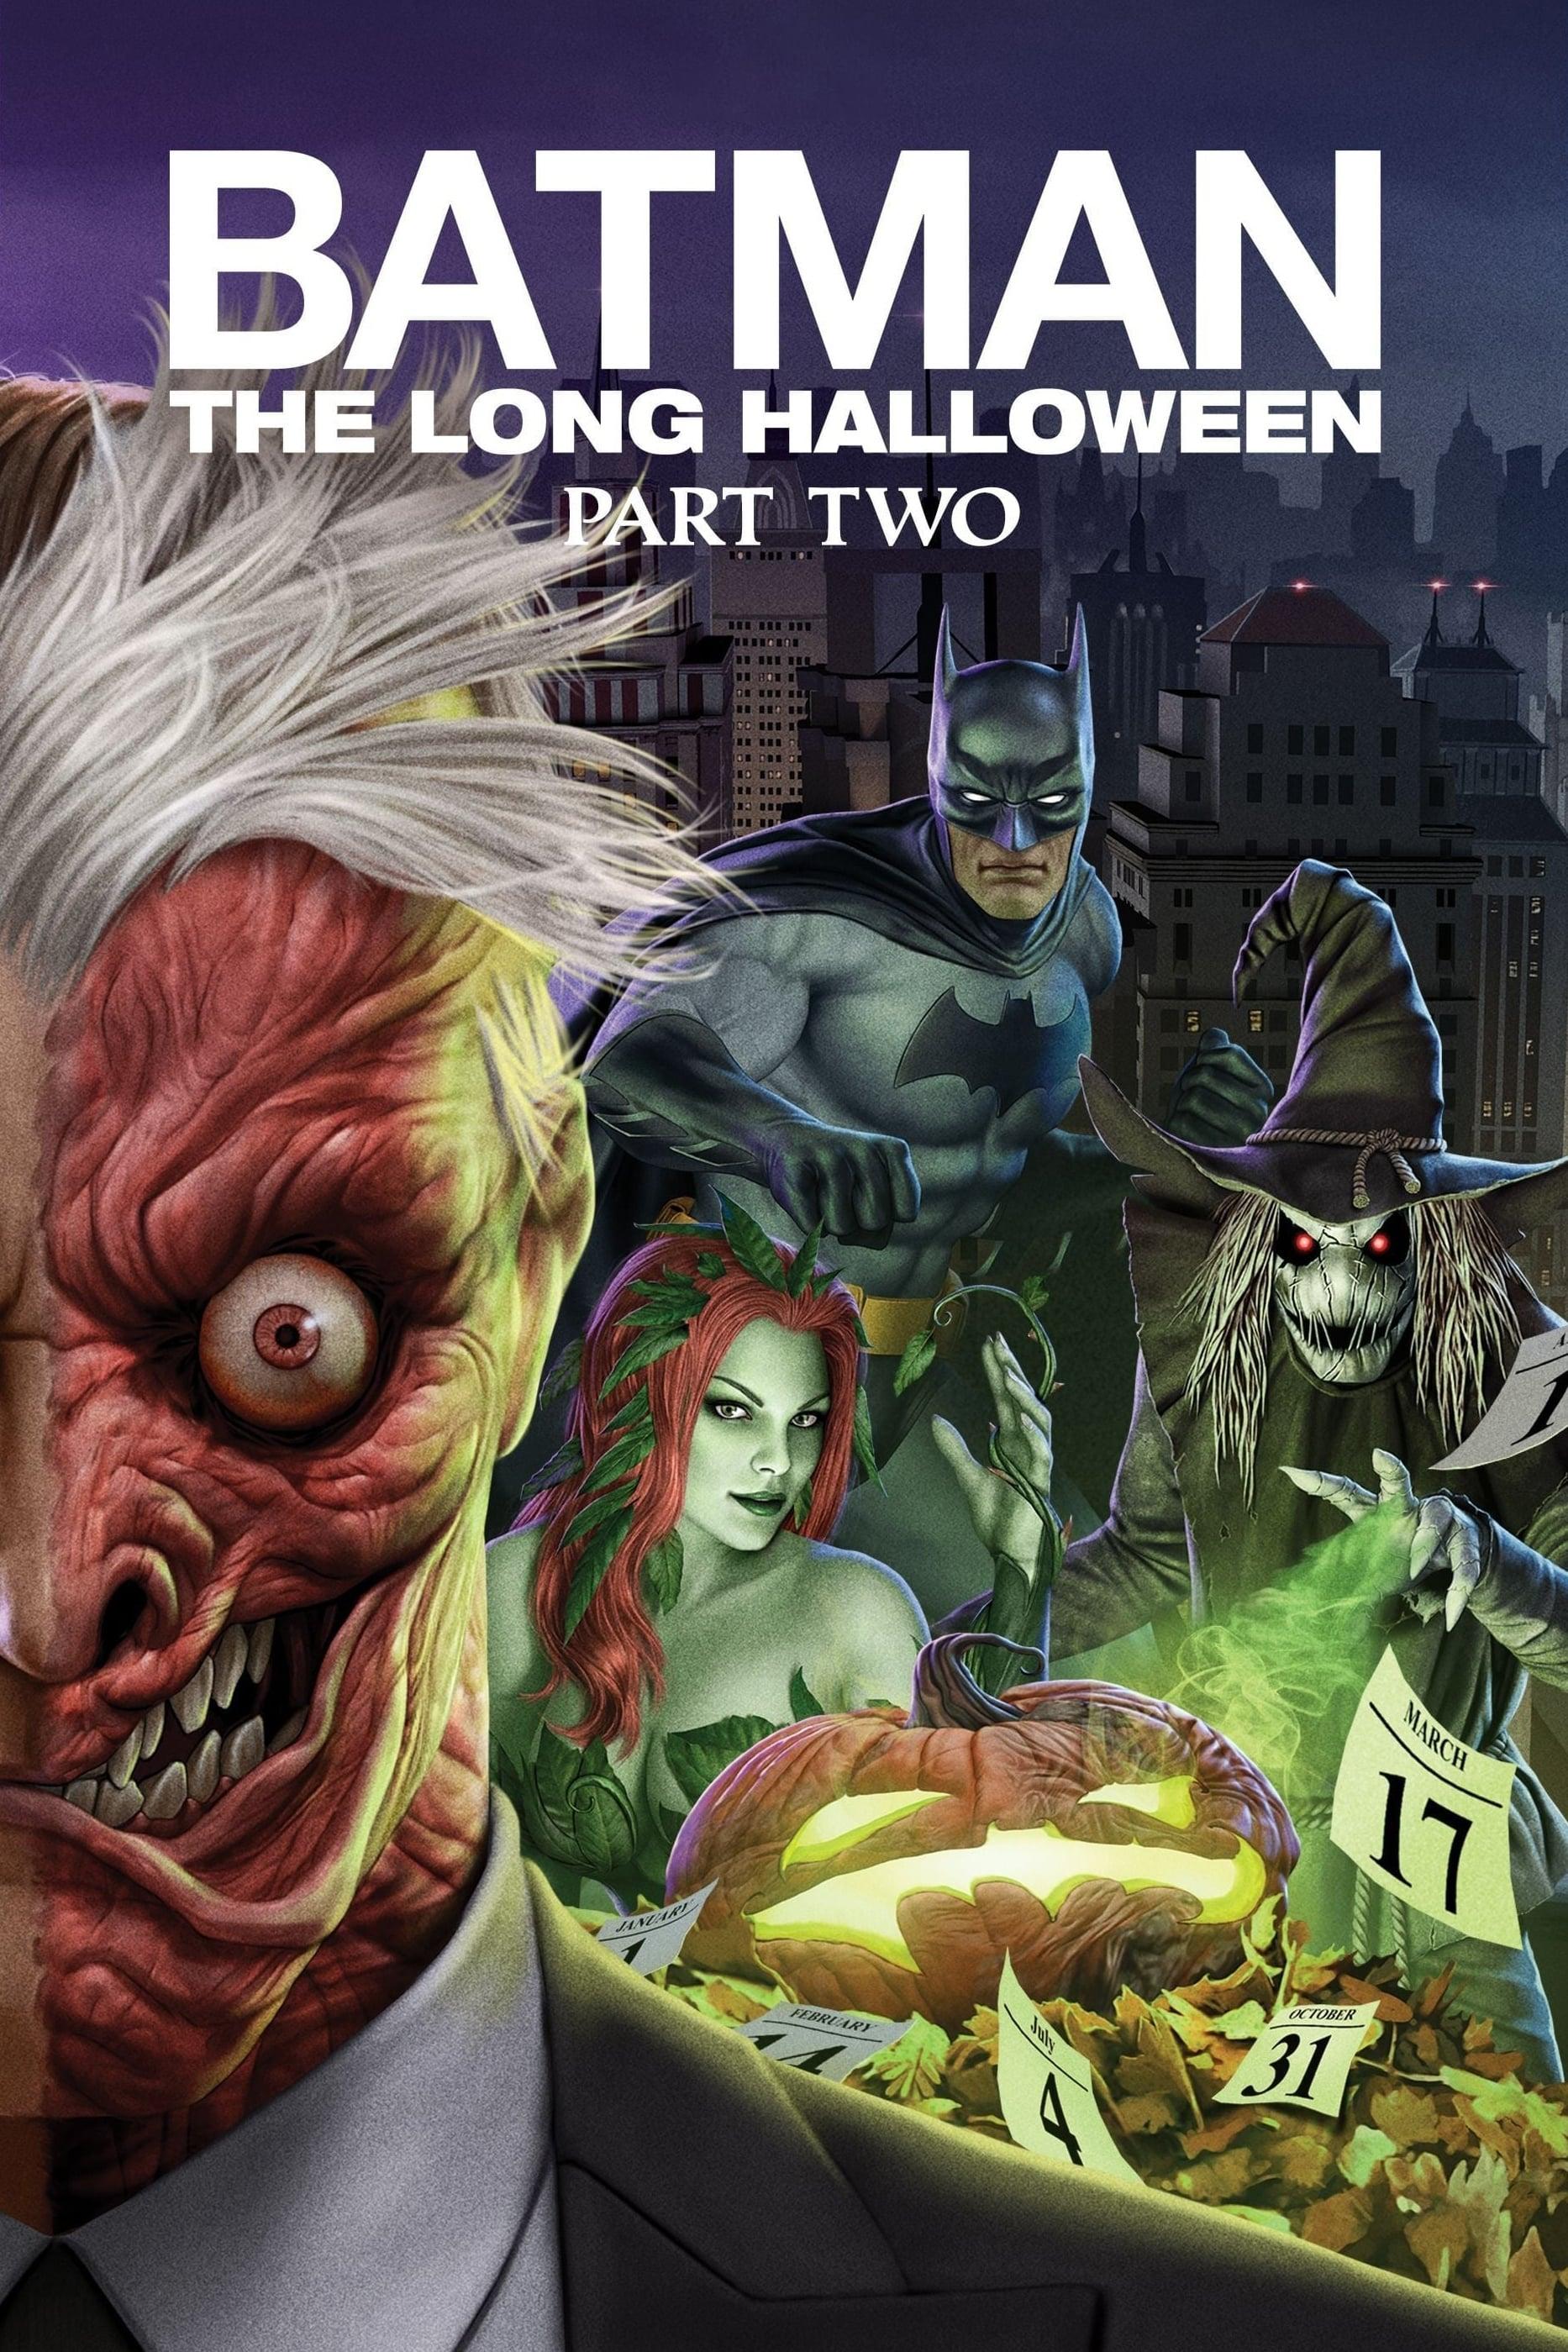 ბეტმენი: ხანგრძლივი ჰელოუინი, ნაწილი ორი / Batman: The Long Halloween, Part Two